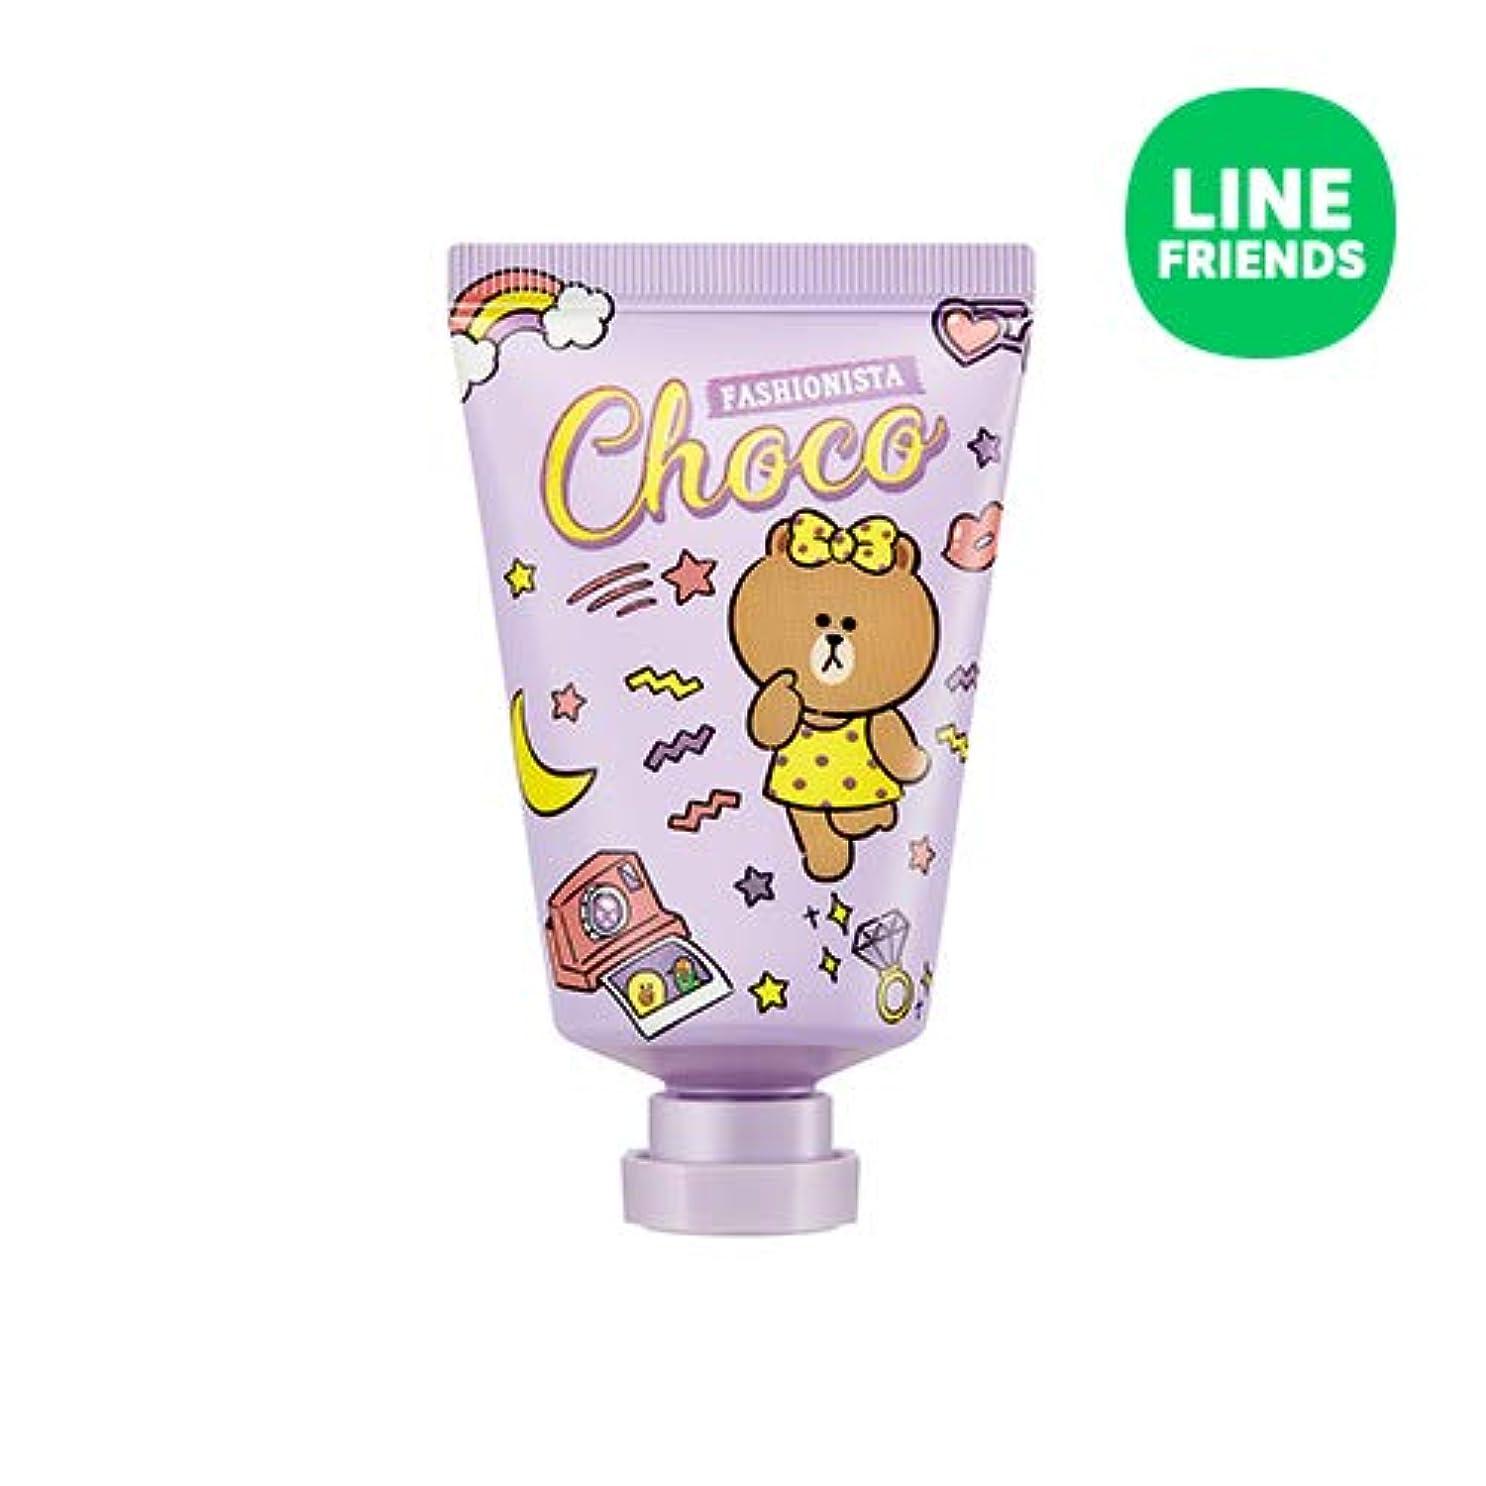 スパイ教科書汚いミシャ(ラインフレンズ)ラブシークレットハンドクリーム 30ml MISSHA [Line Friends Edition] Love Secret Hand Cream - Choco # Pitch Cocktail...